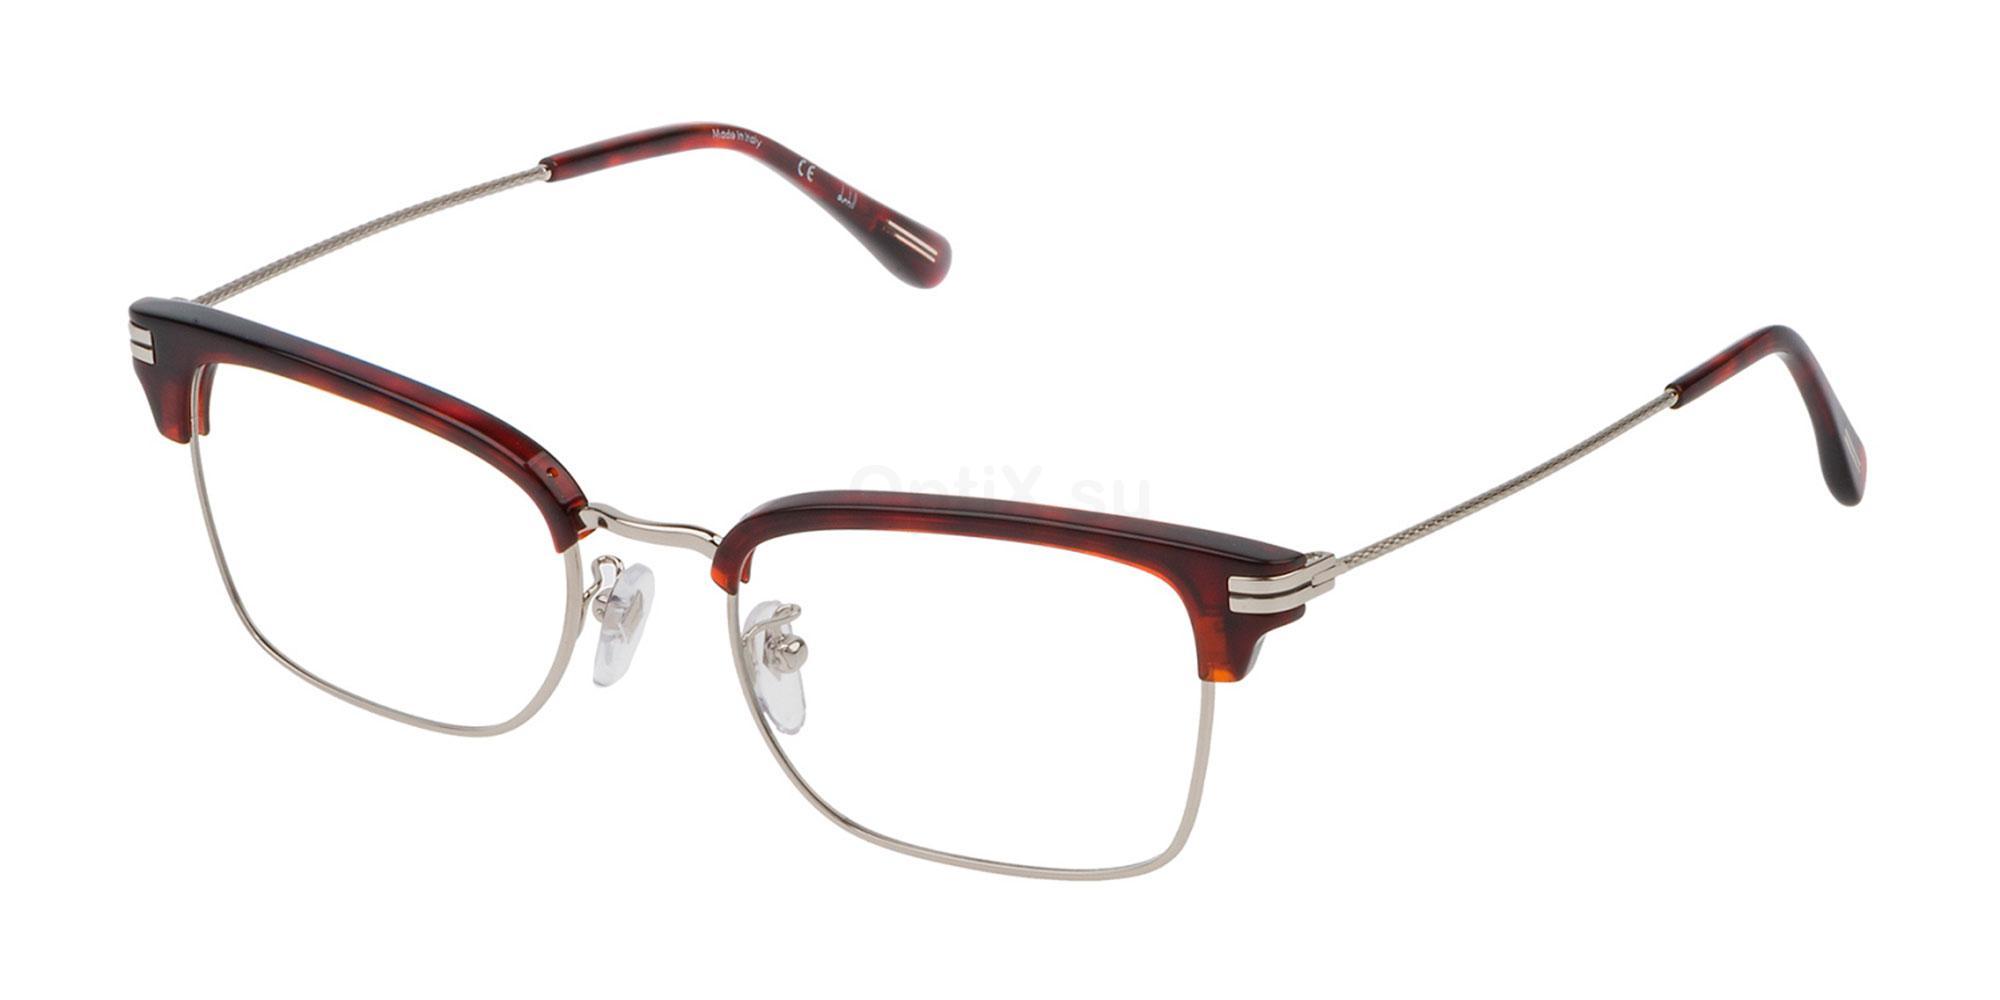 0579 VDH117 Glasses, Dunhill London